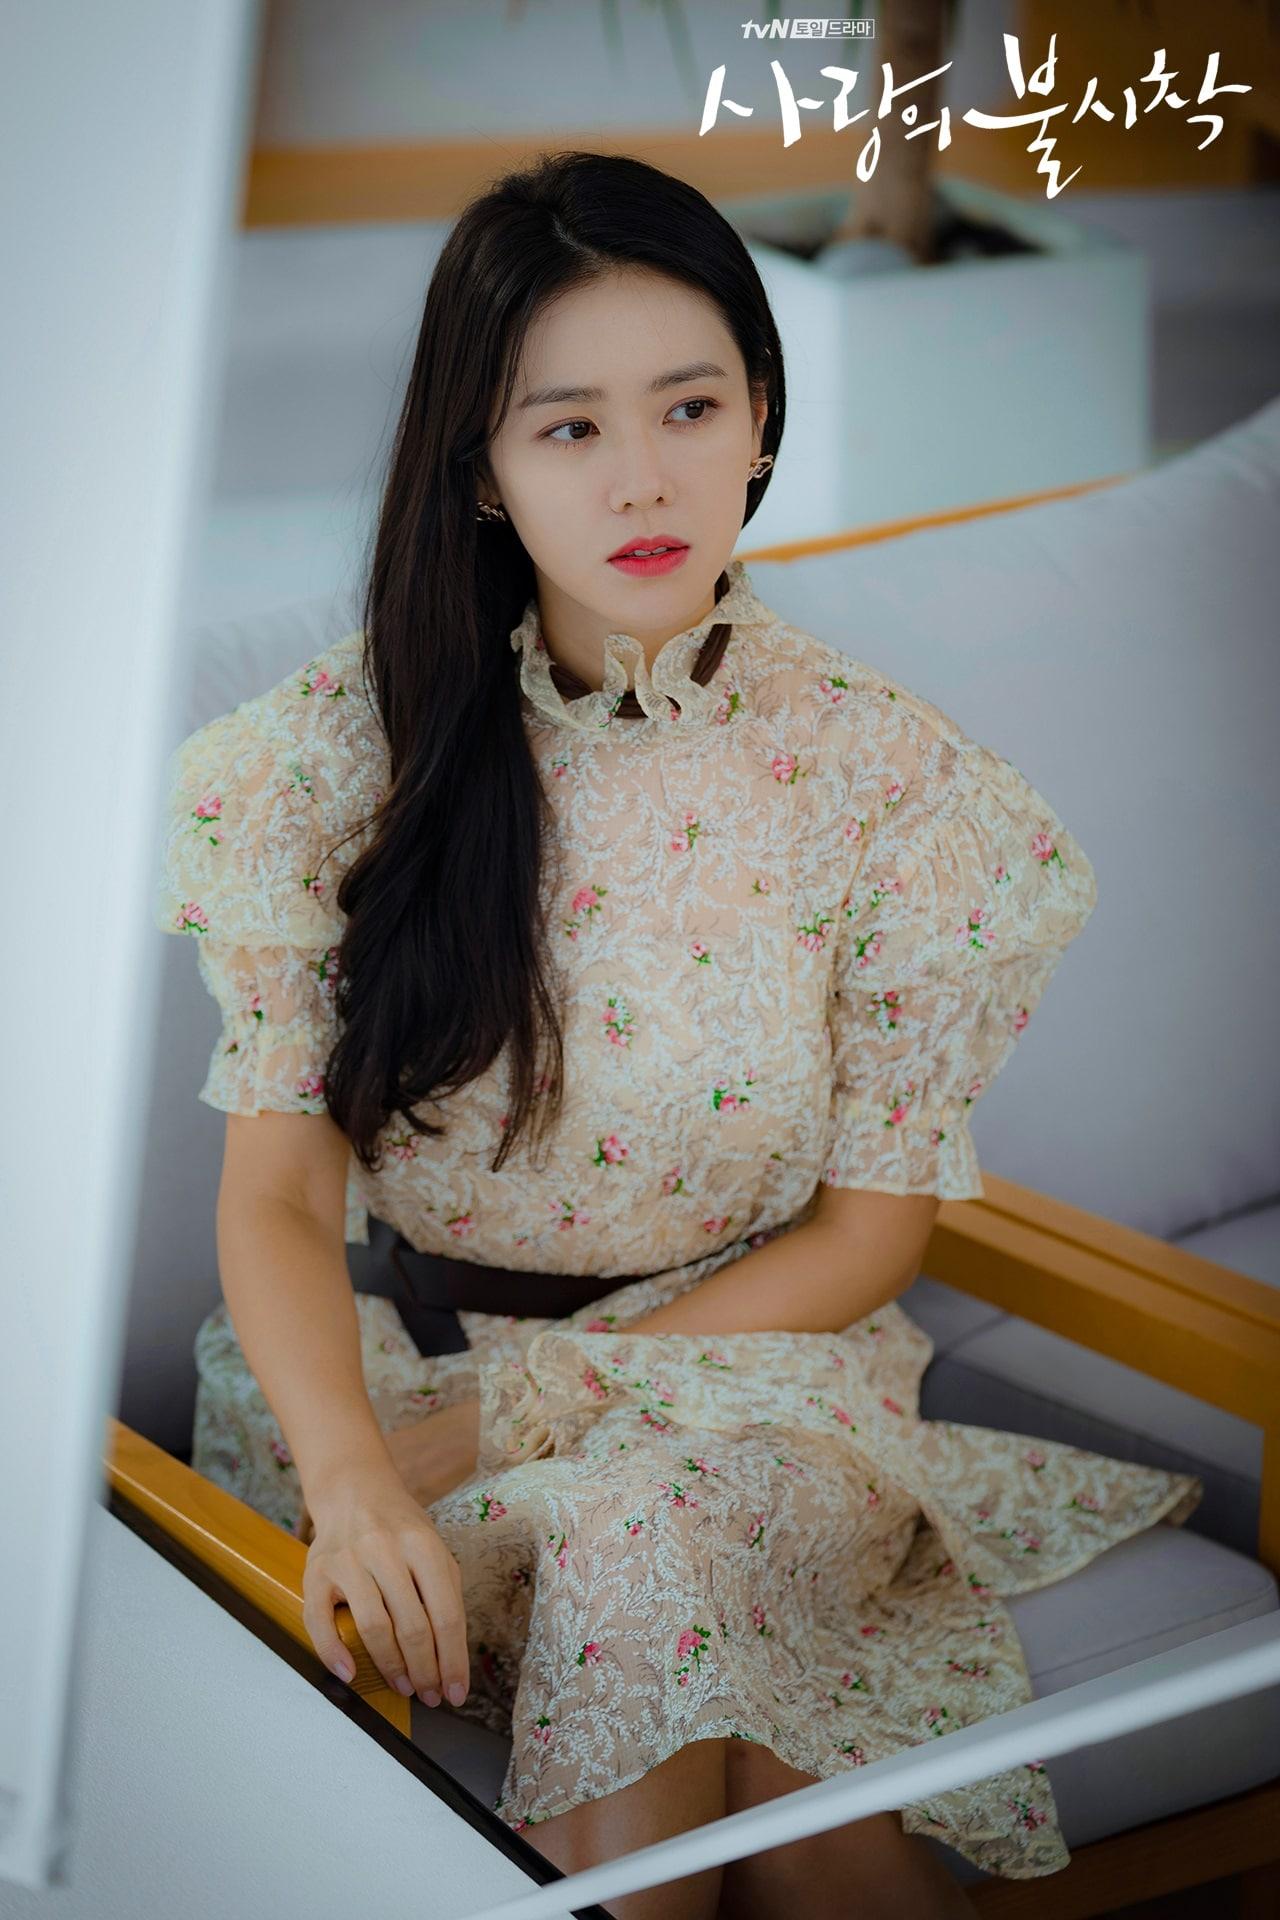 tủ đồ hàng hiệu của son ye jin trong phim crash landing on you 2